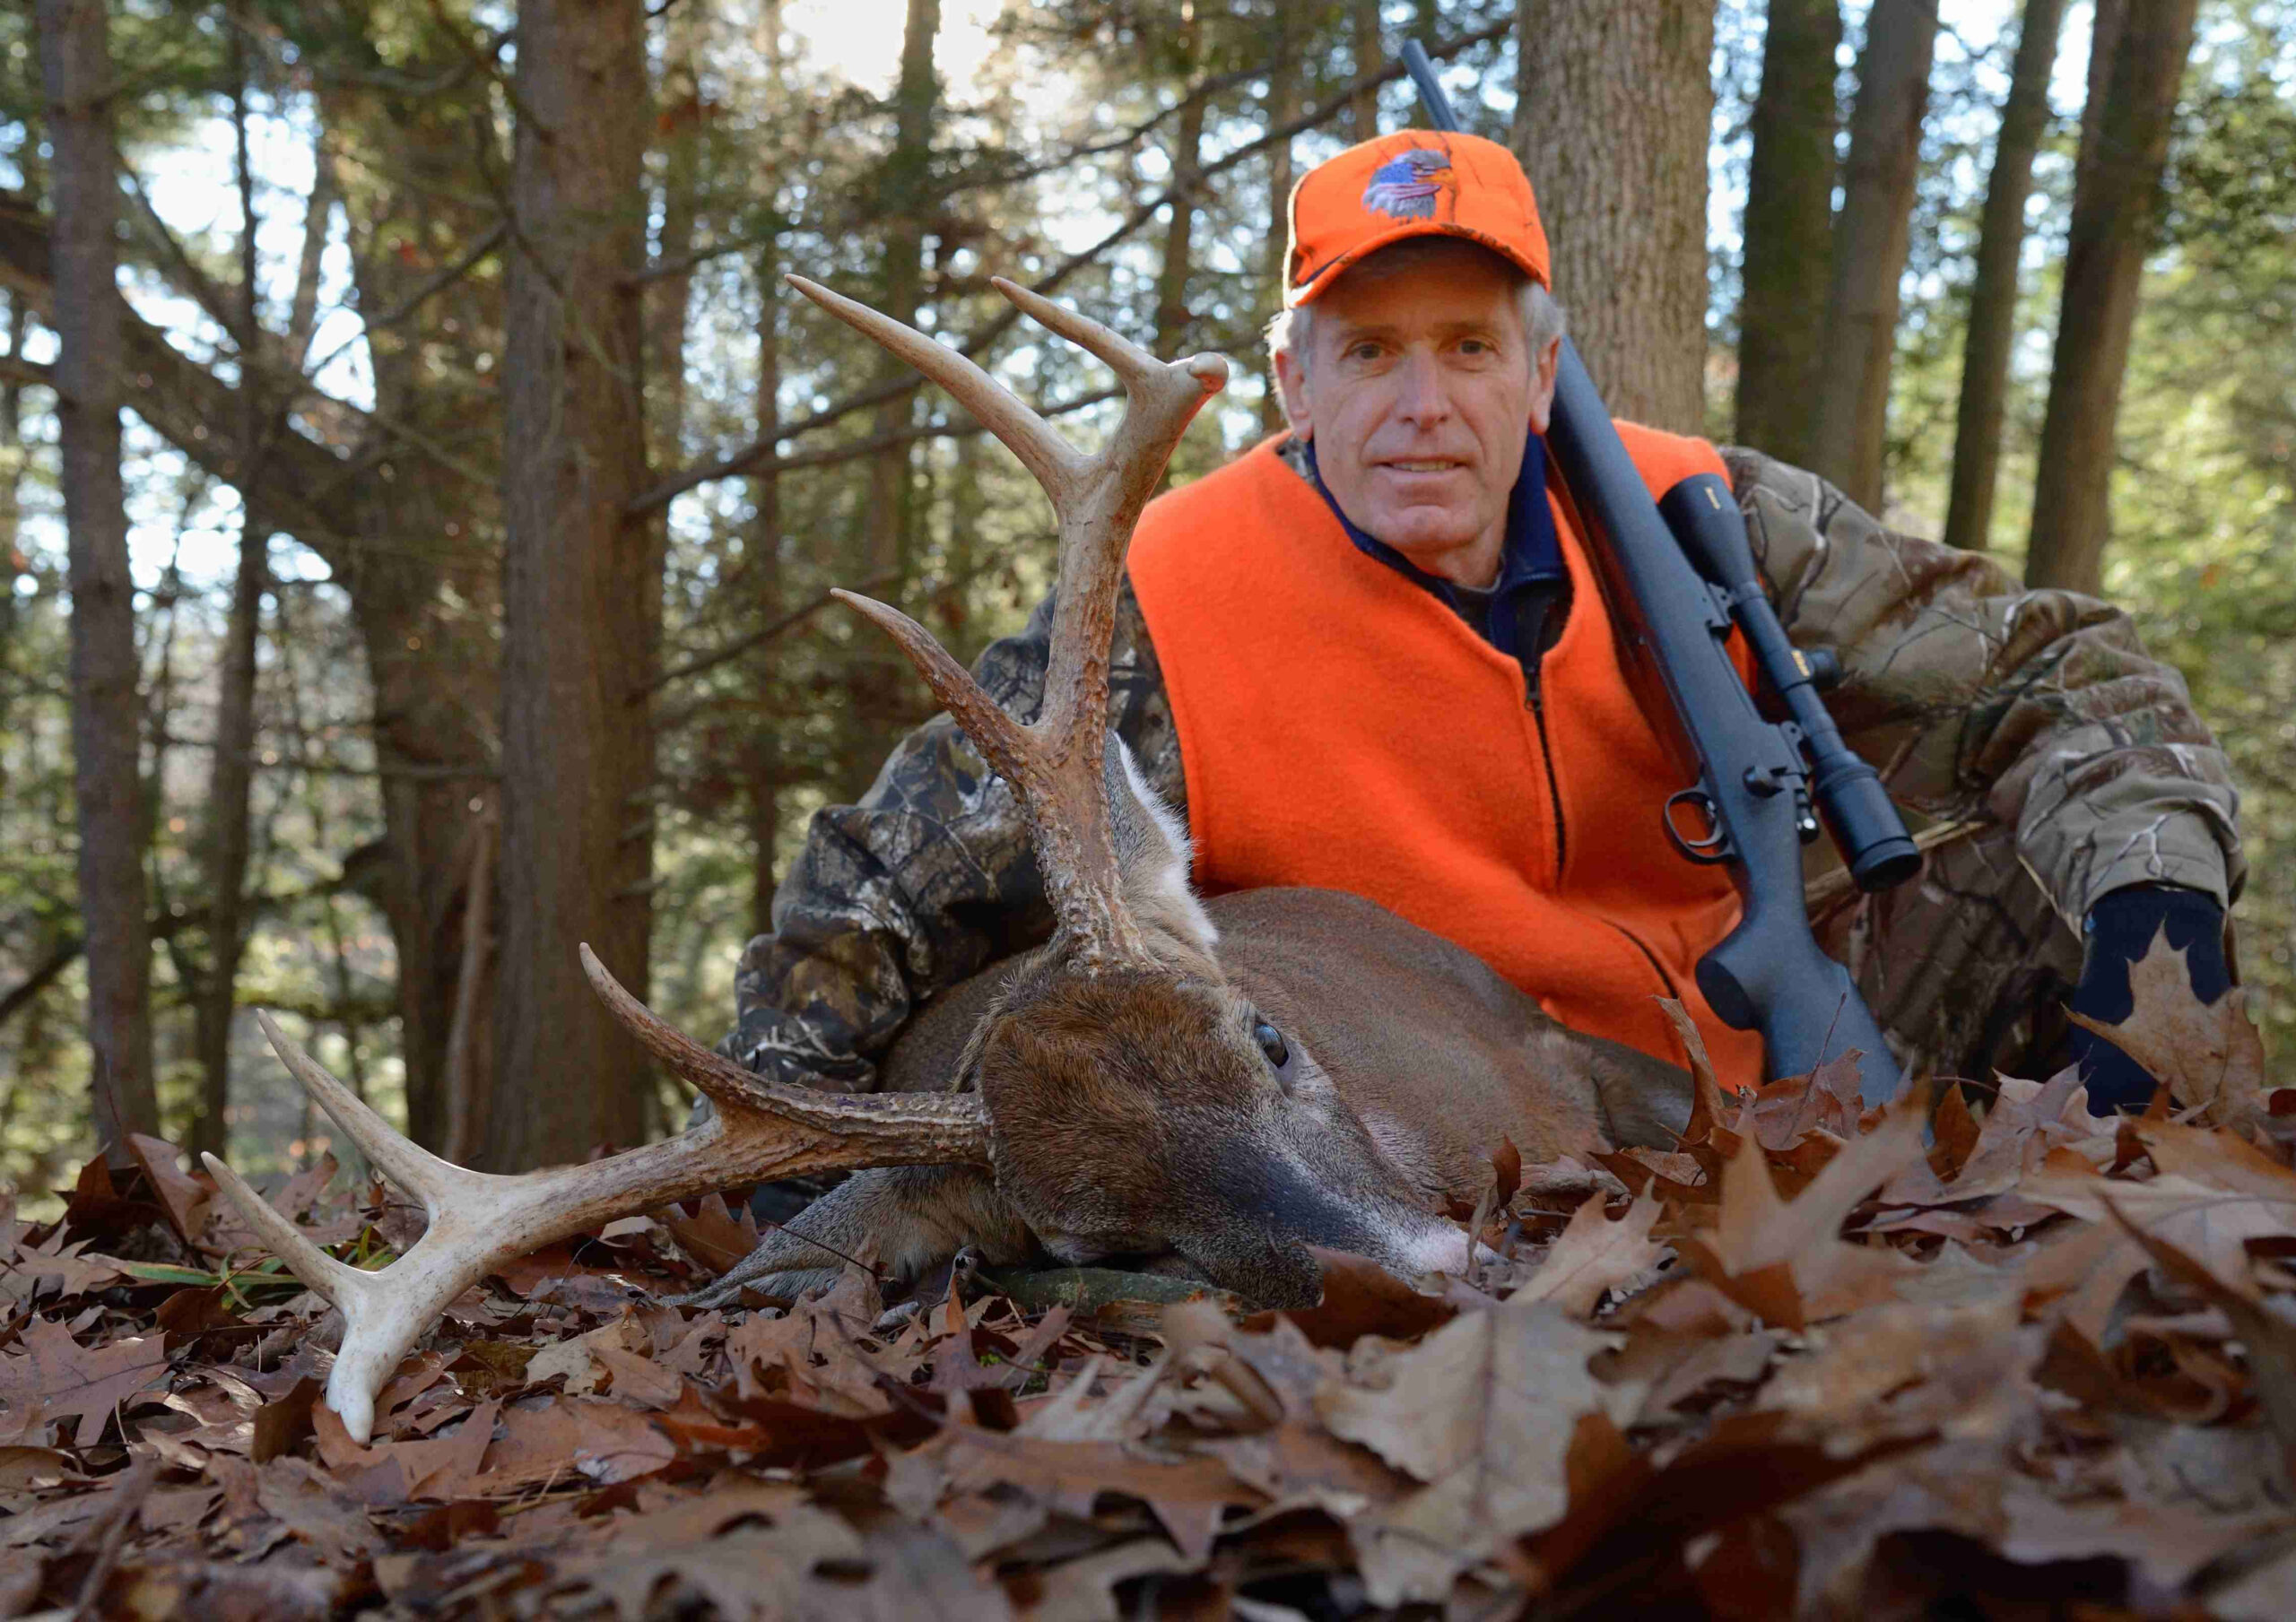 Charlie Alsheimer Asseses The 2012 Rut regarding Deer And Deer Hunting 2021 Rut Predictions